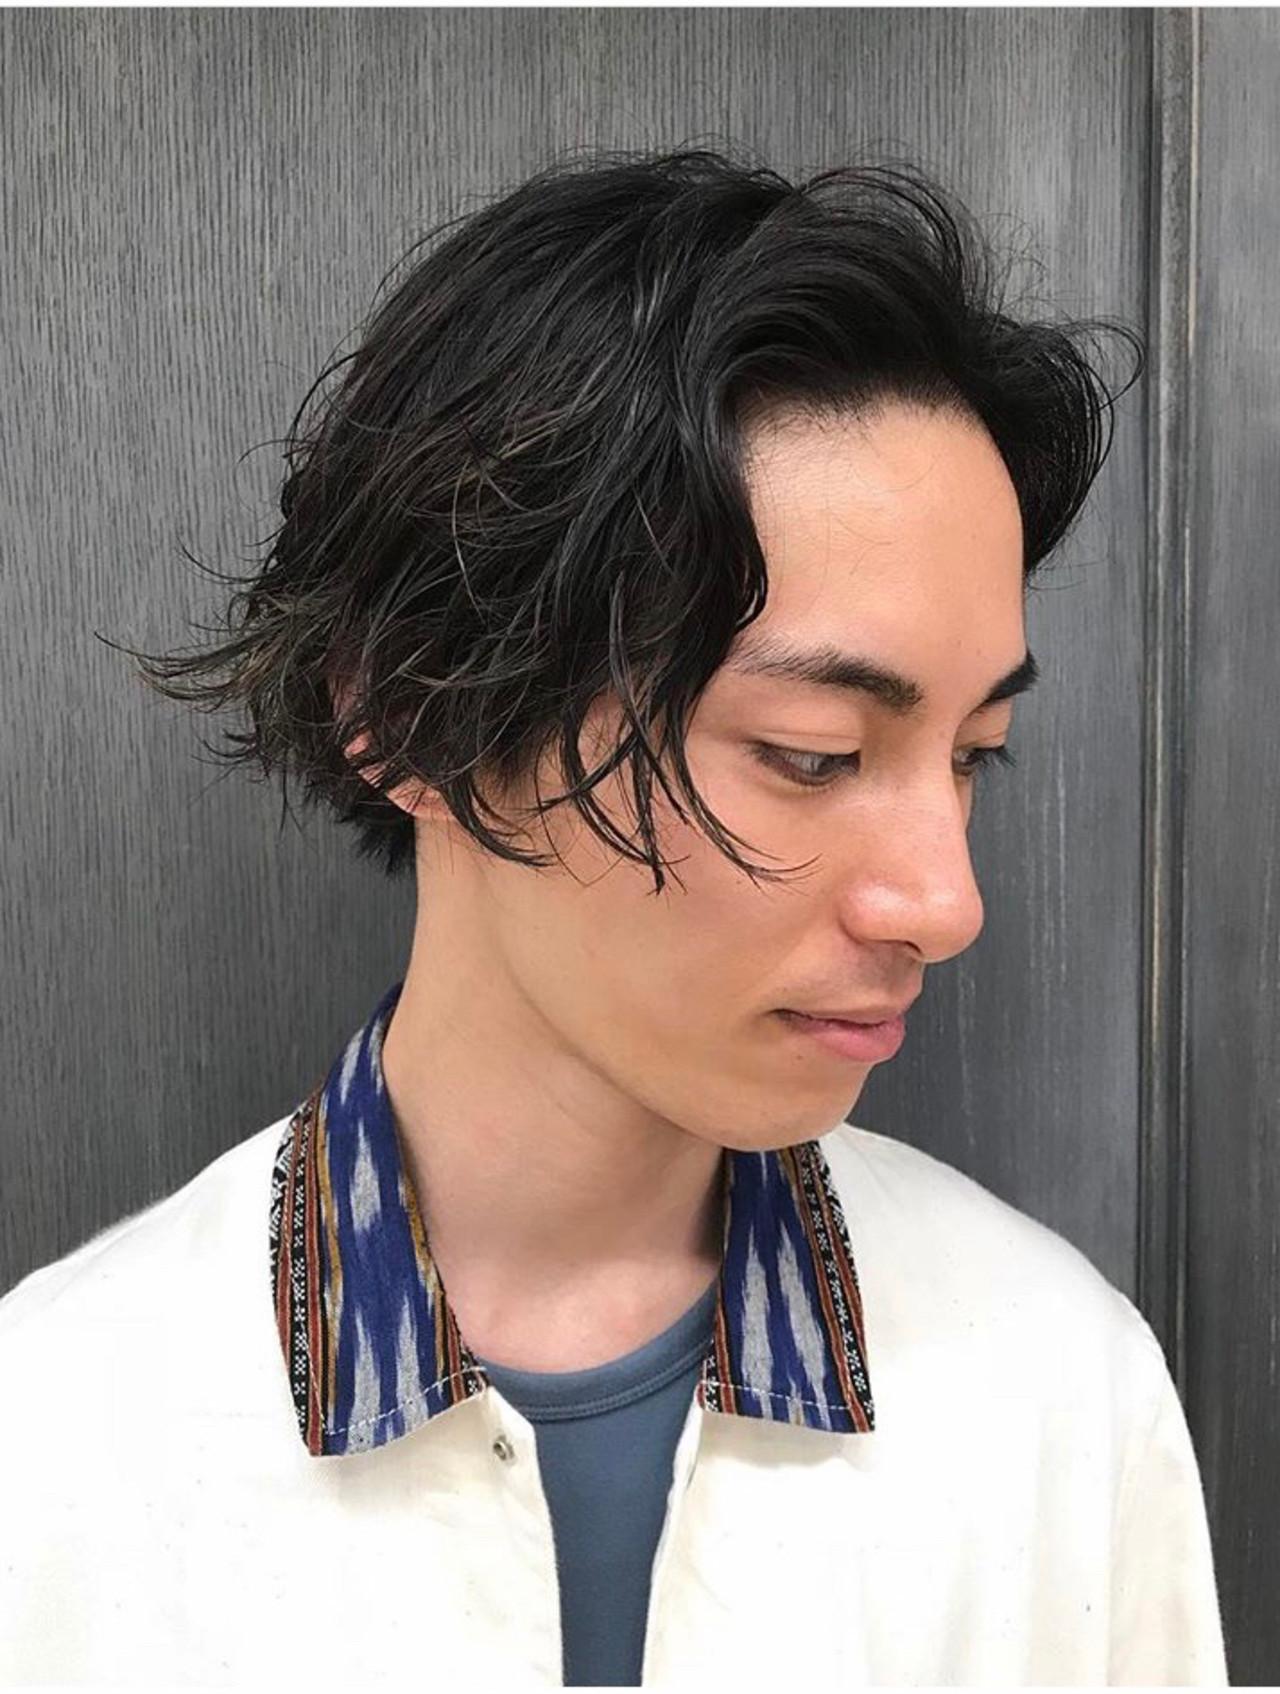 メンズカジュアル メンズパーマ ミディアム ストリート ヘアスタイルや髪型の写真・画像